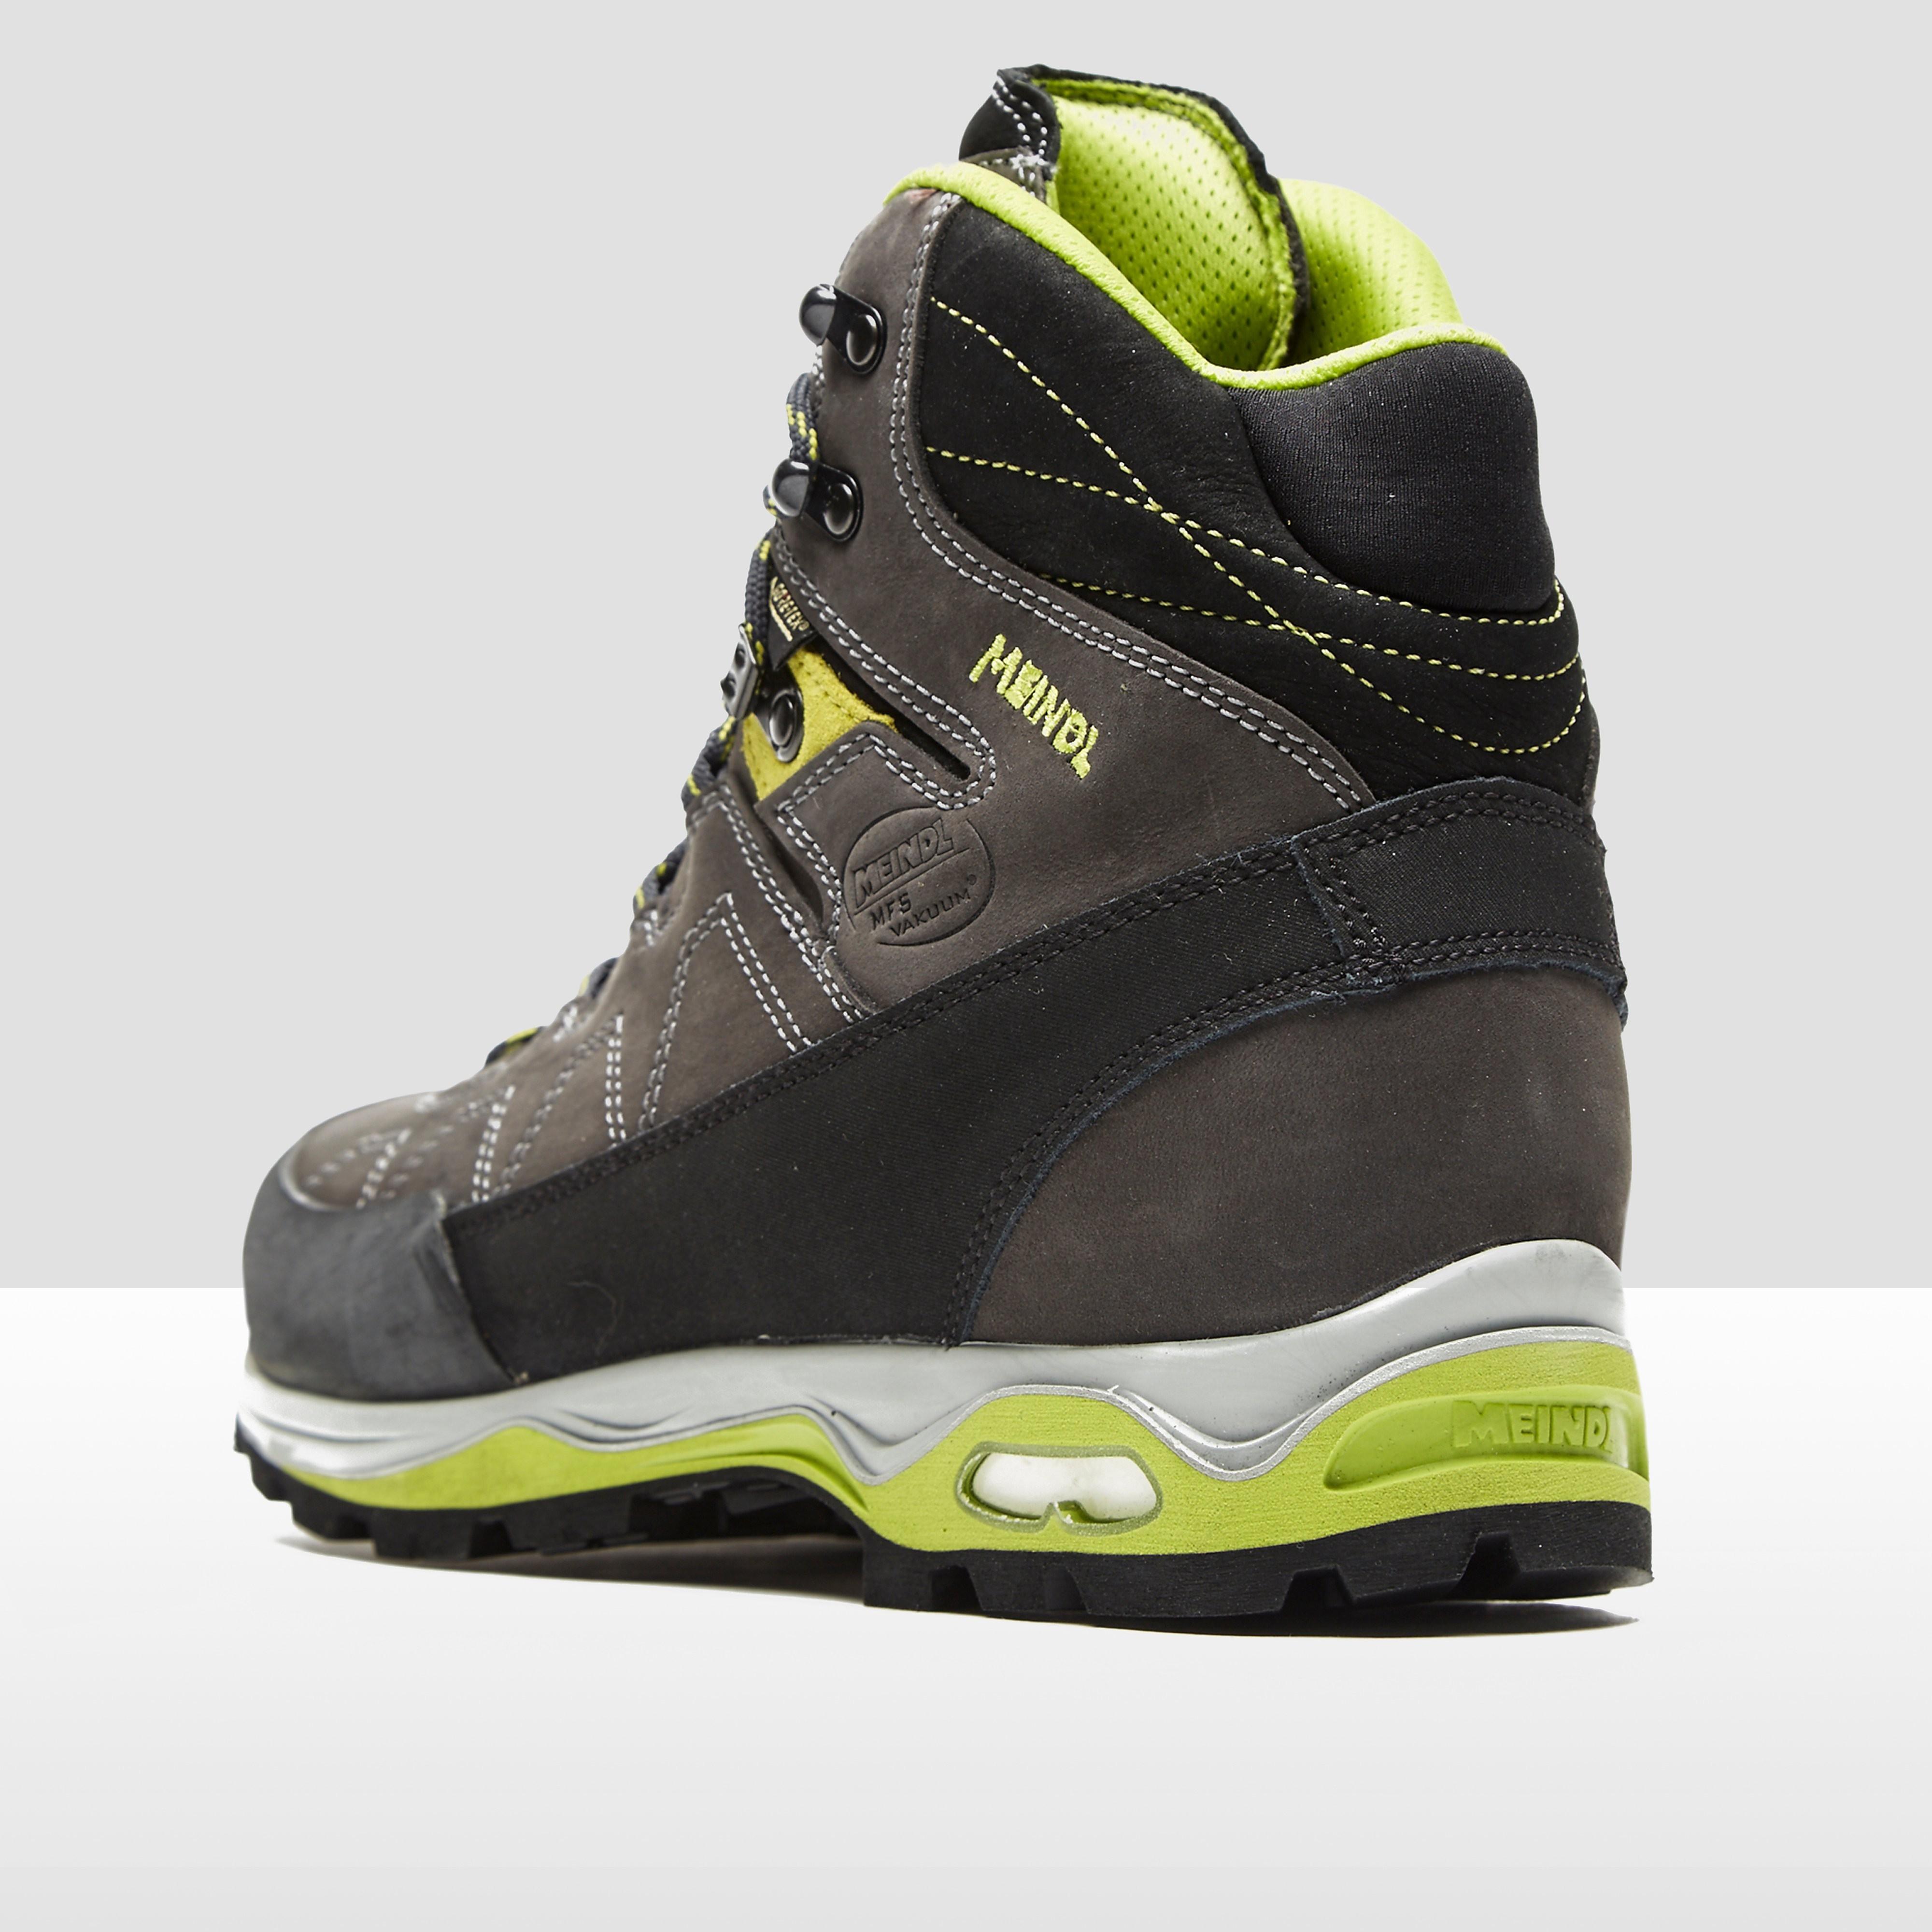 Meindl Vakuum Sport 2 GTX Walking Boots